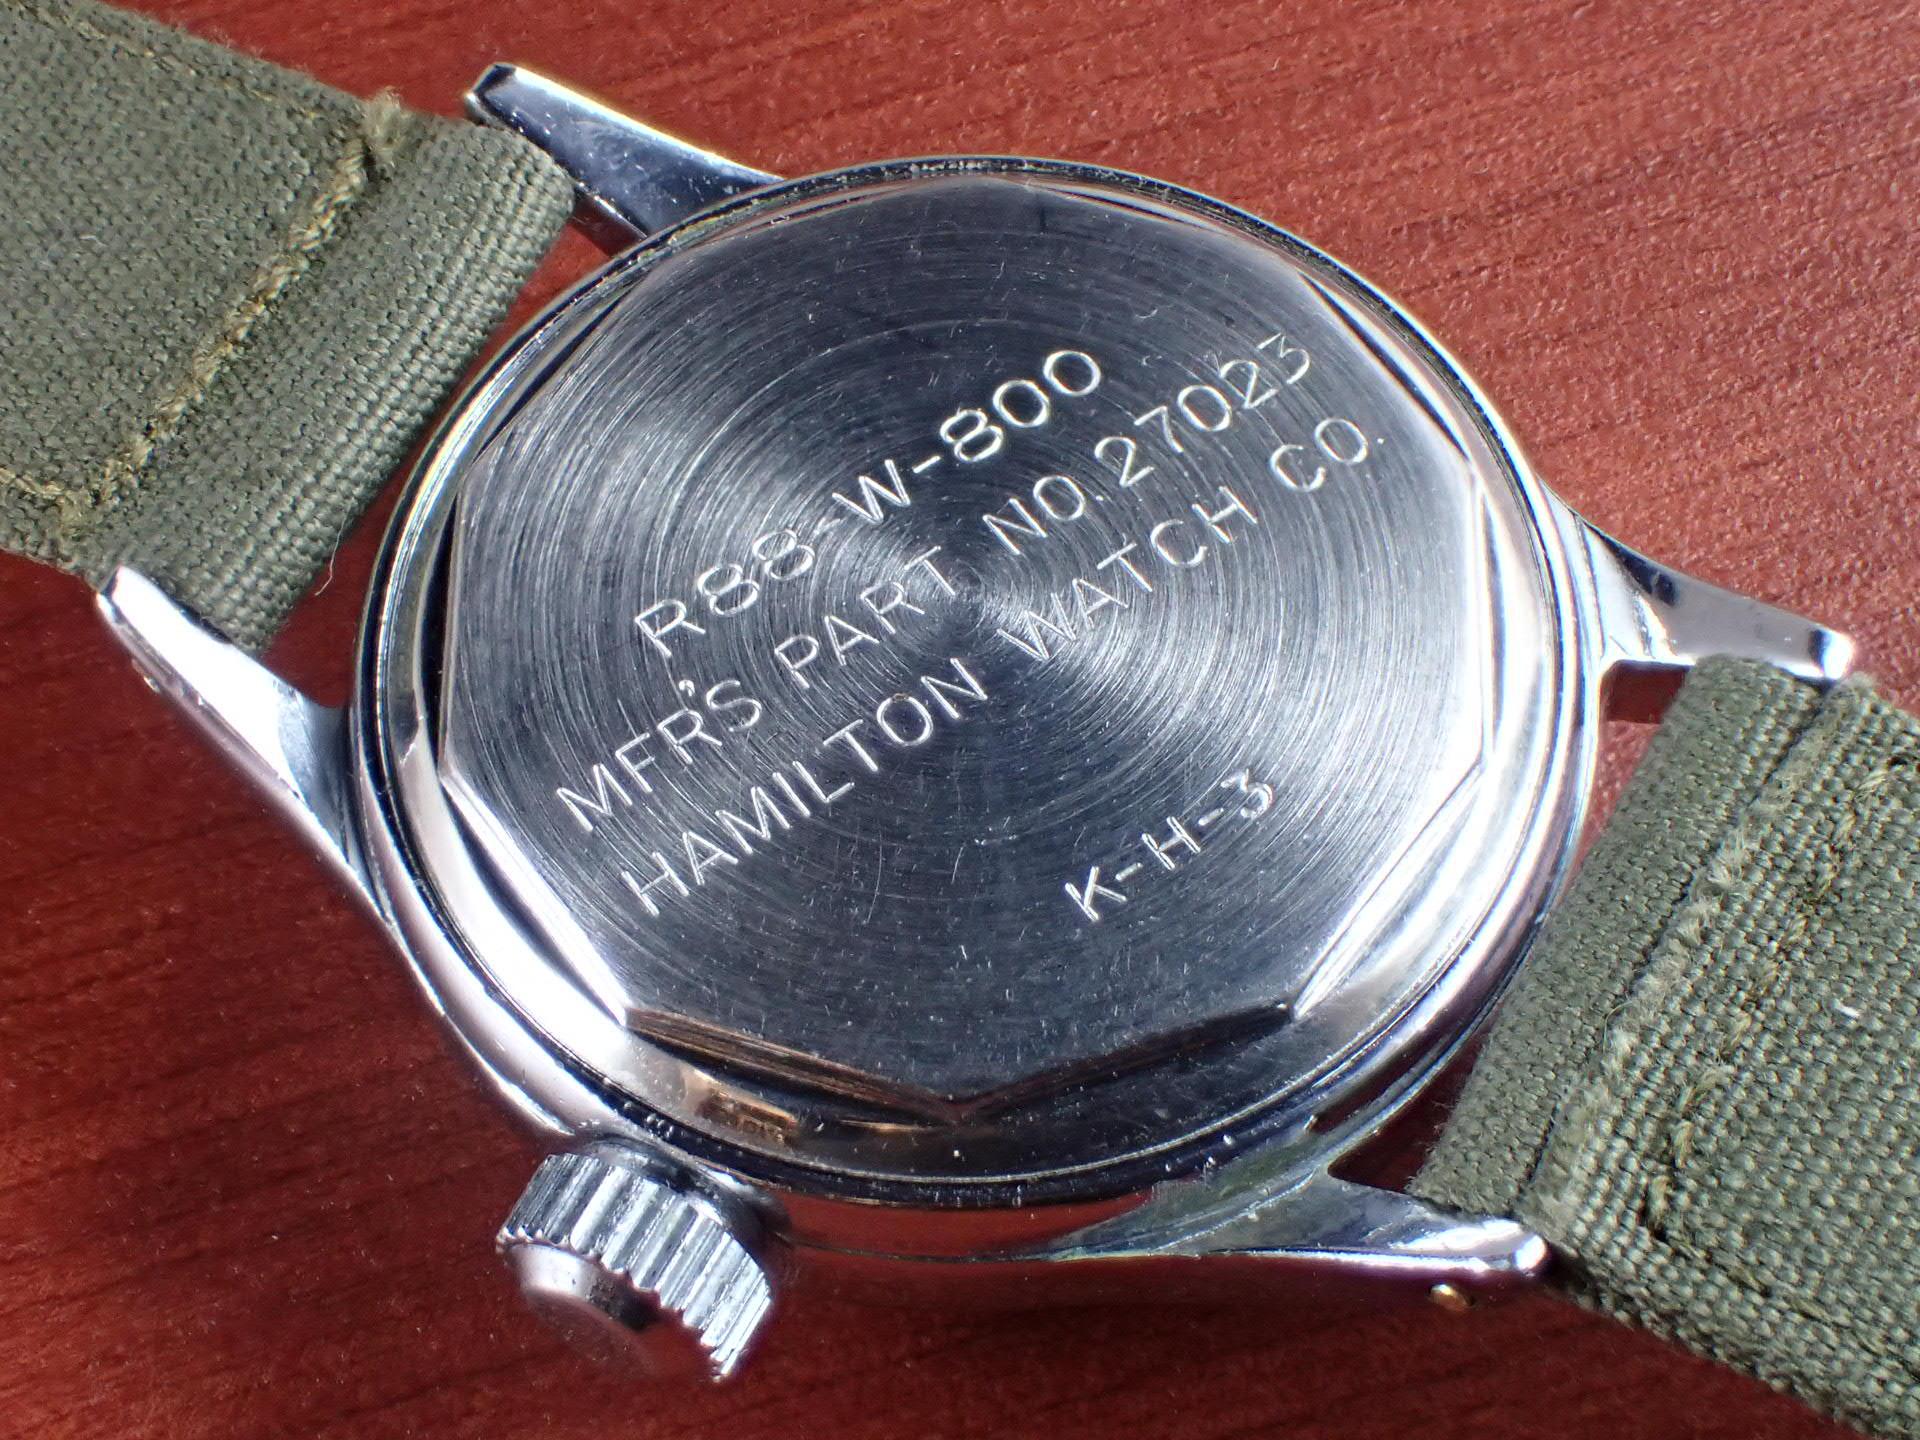 ハミルトン 米海軍 R88-W-800 スモールセコンド 第二次世界大戦 1940年代の写真4枚目